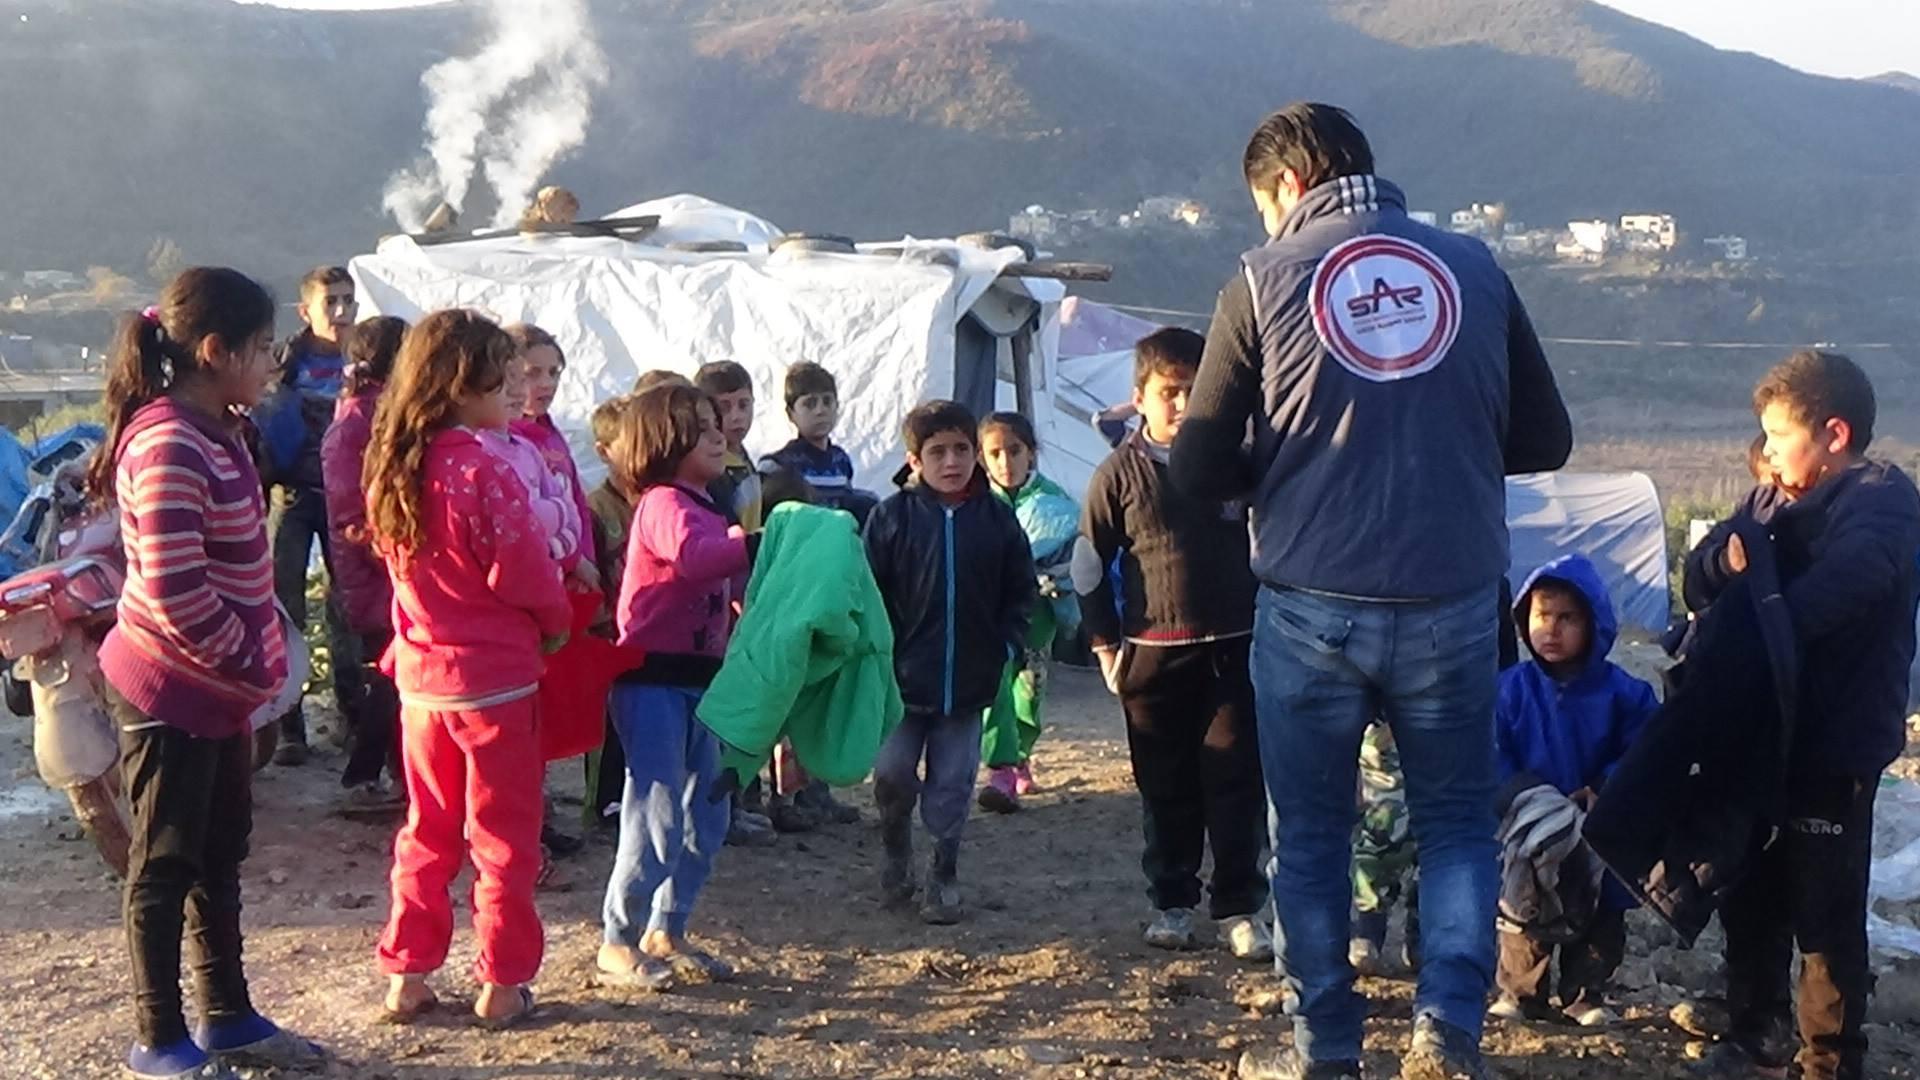 صورة دفونا..حملة إغاثية تستوعب 5000 طفل سوري